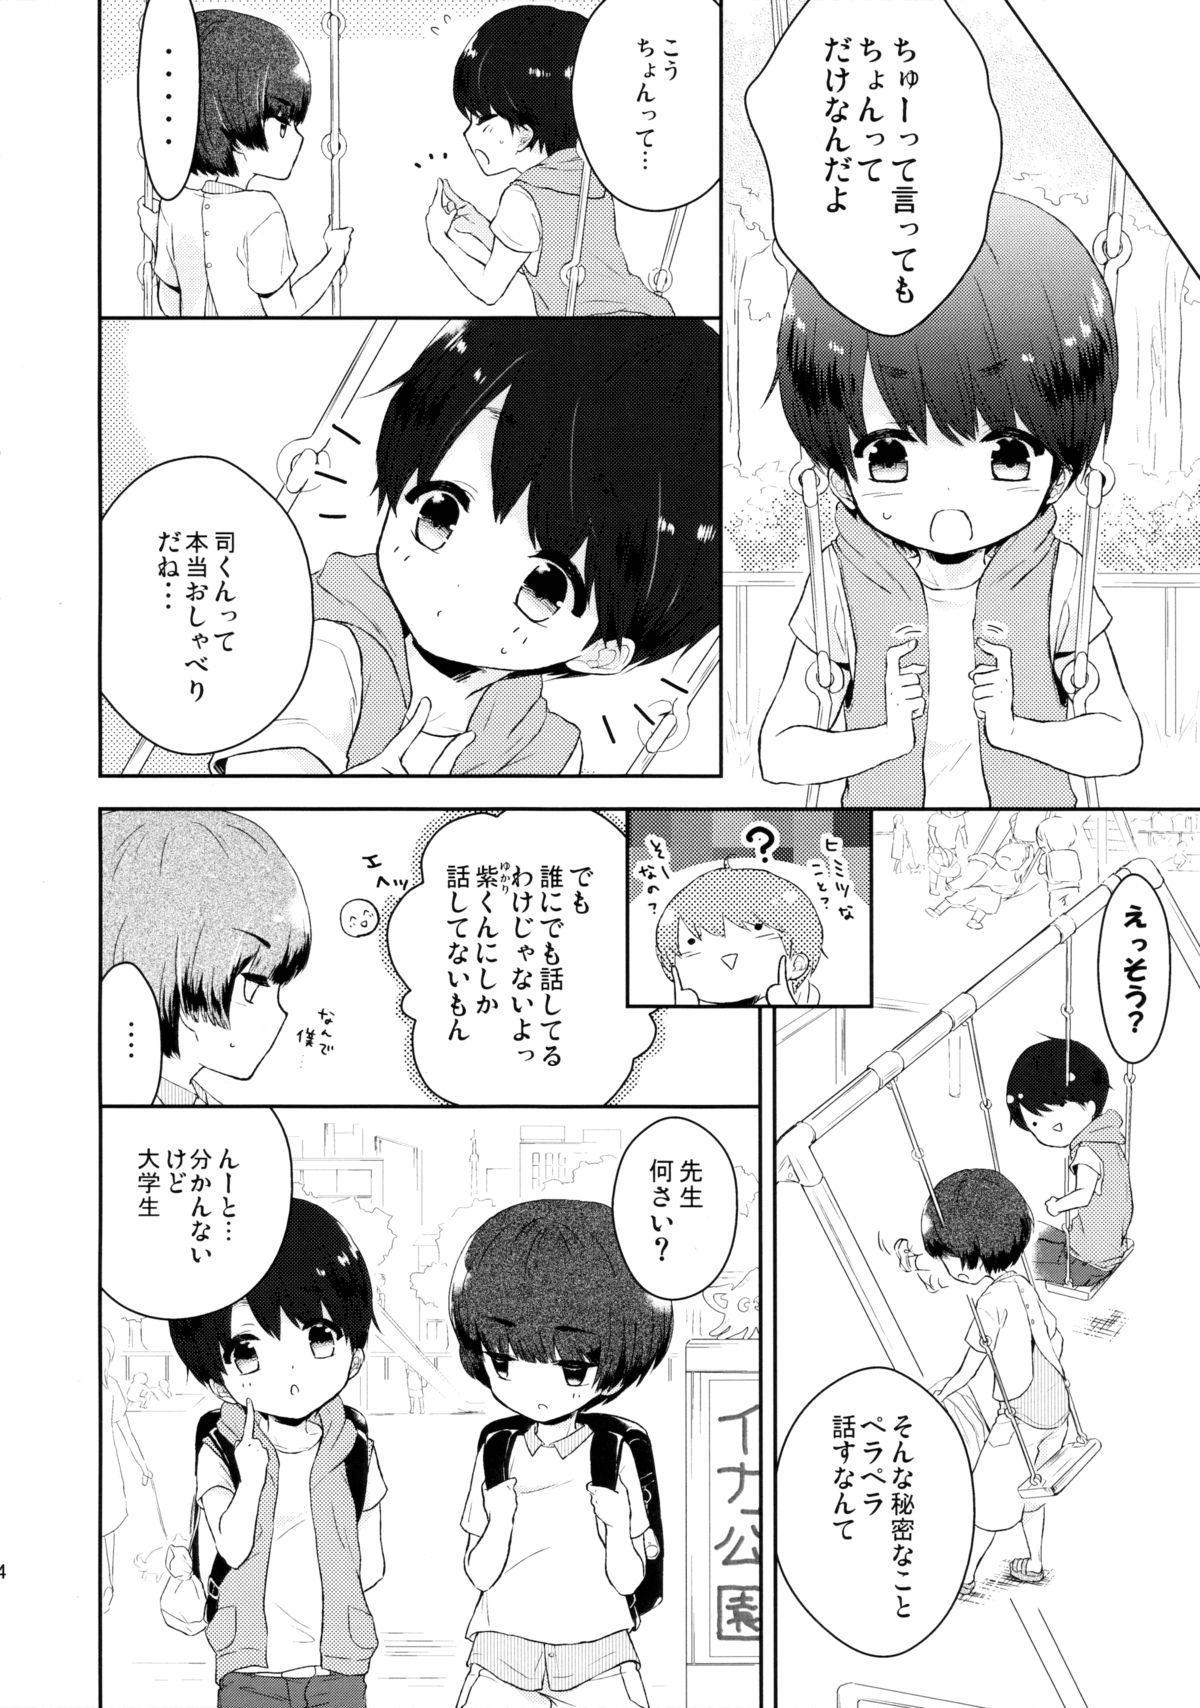 Yasashii Sensei no Kouryaku Houhou 4